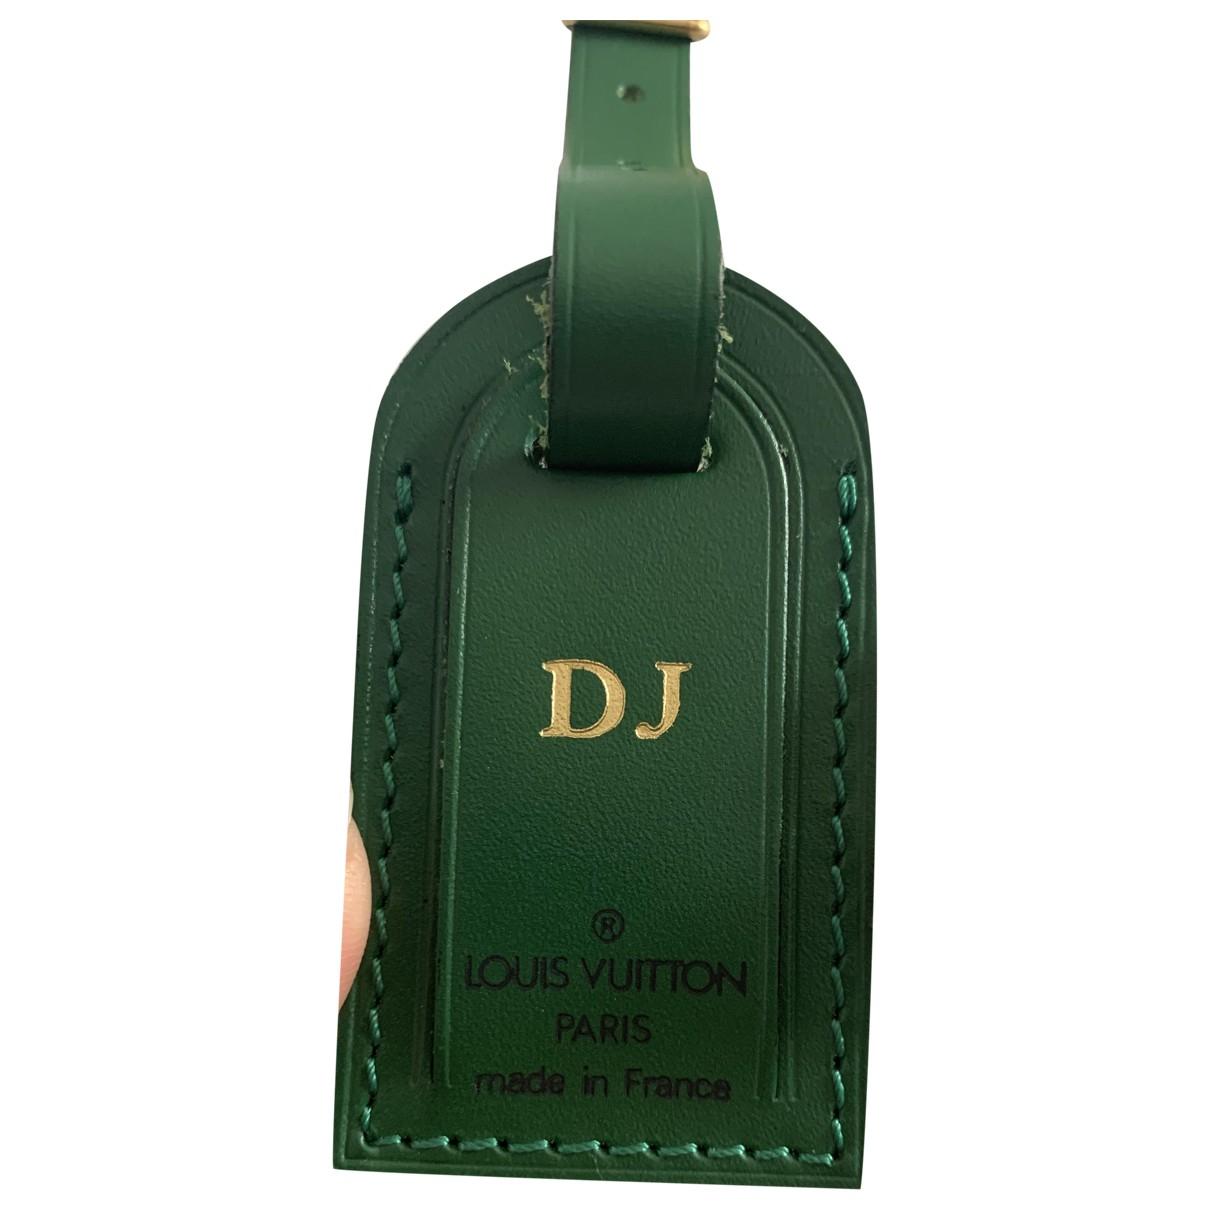 Louis Vuitton - Petite maroquinerie Porte adresse pour femme en cuir - vert